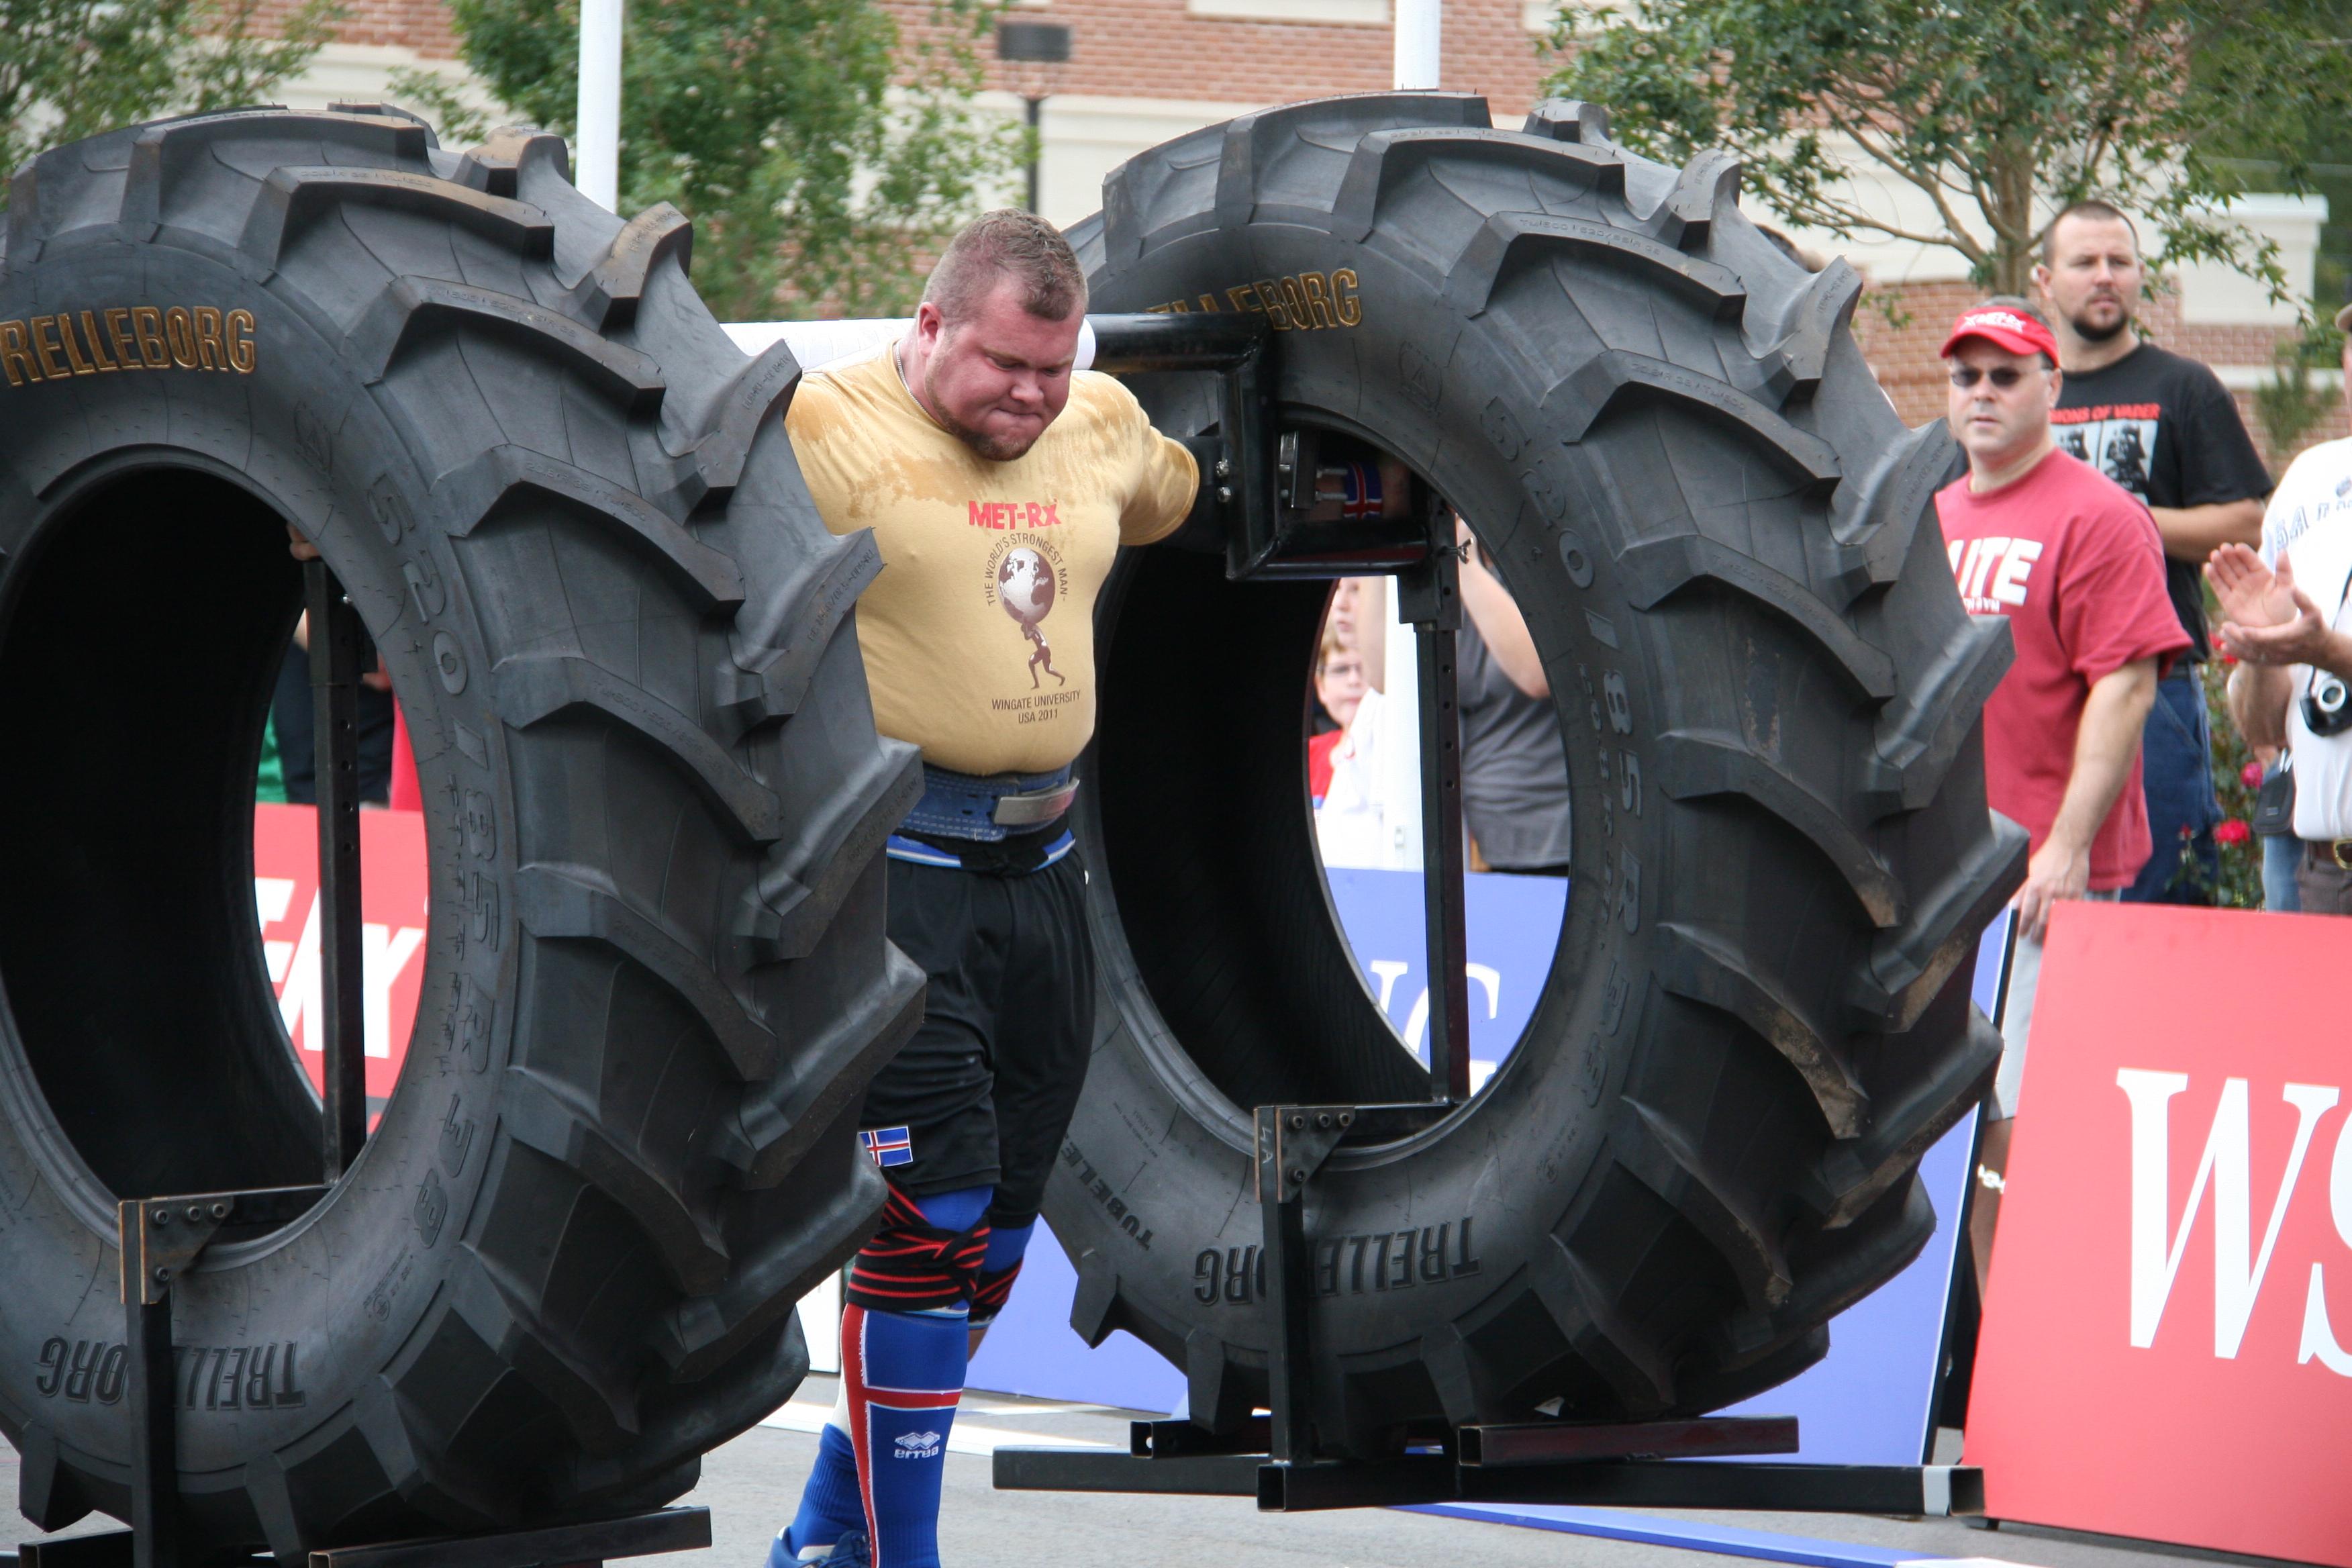 World's strongest men will lift Trelleborg tires